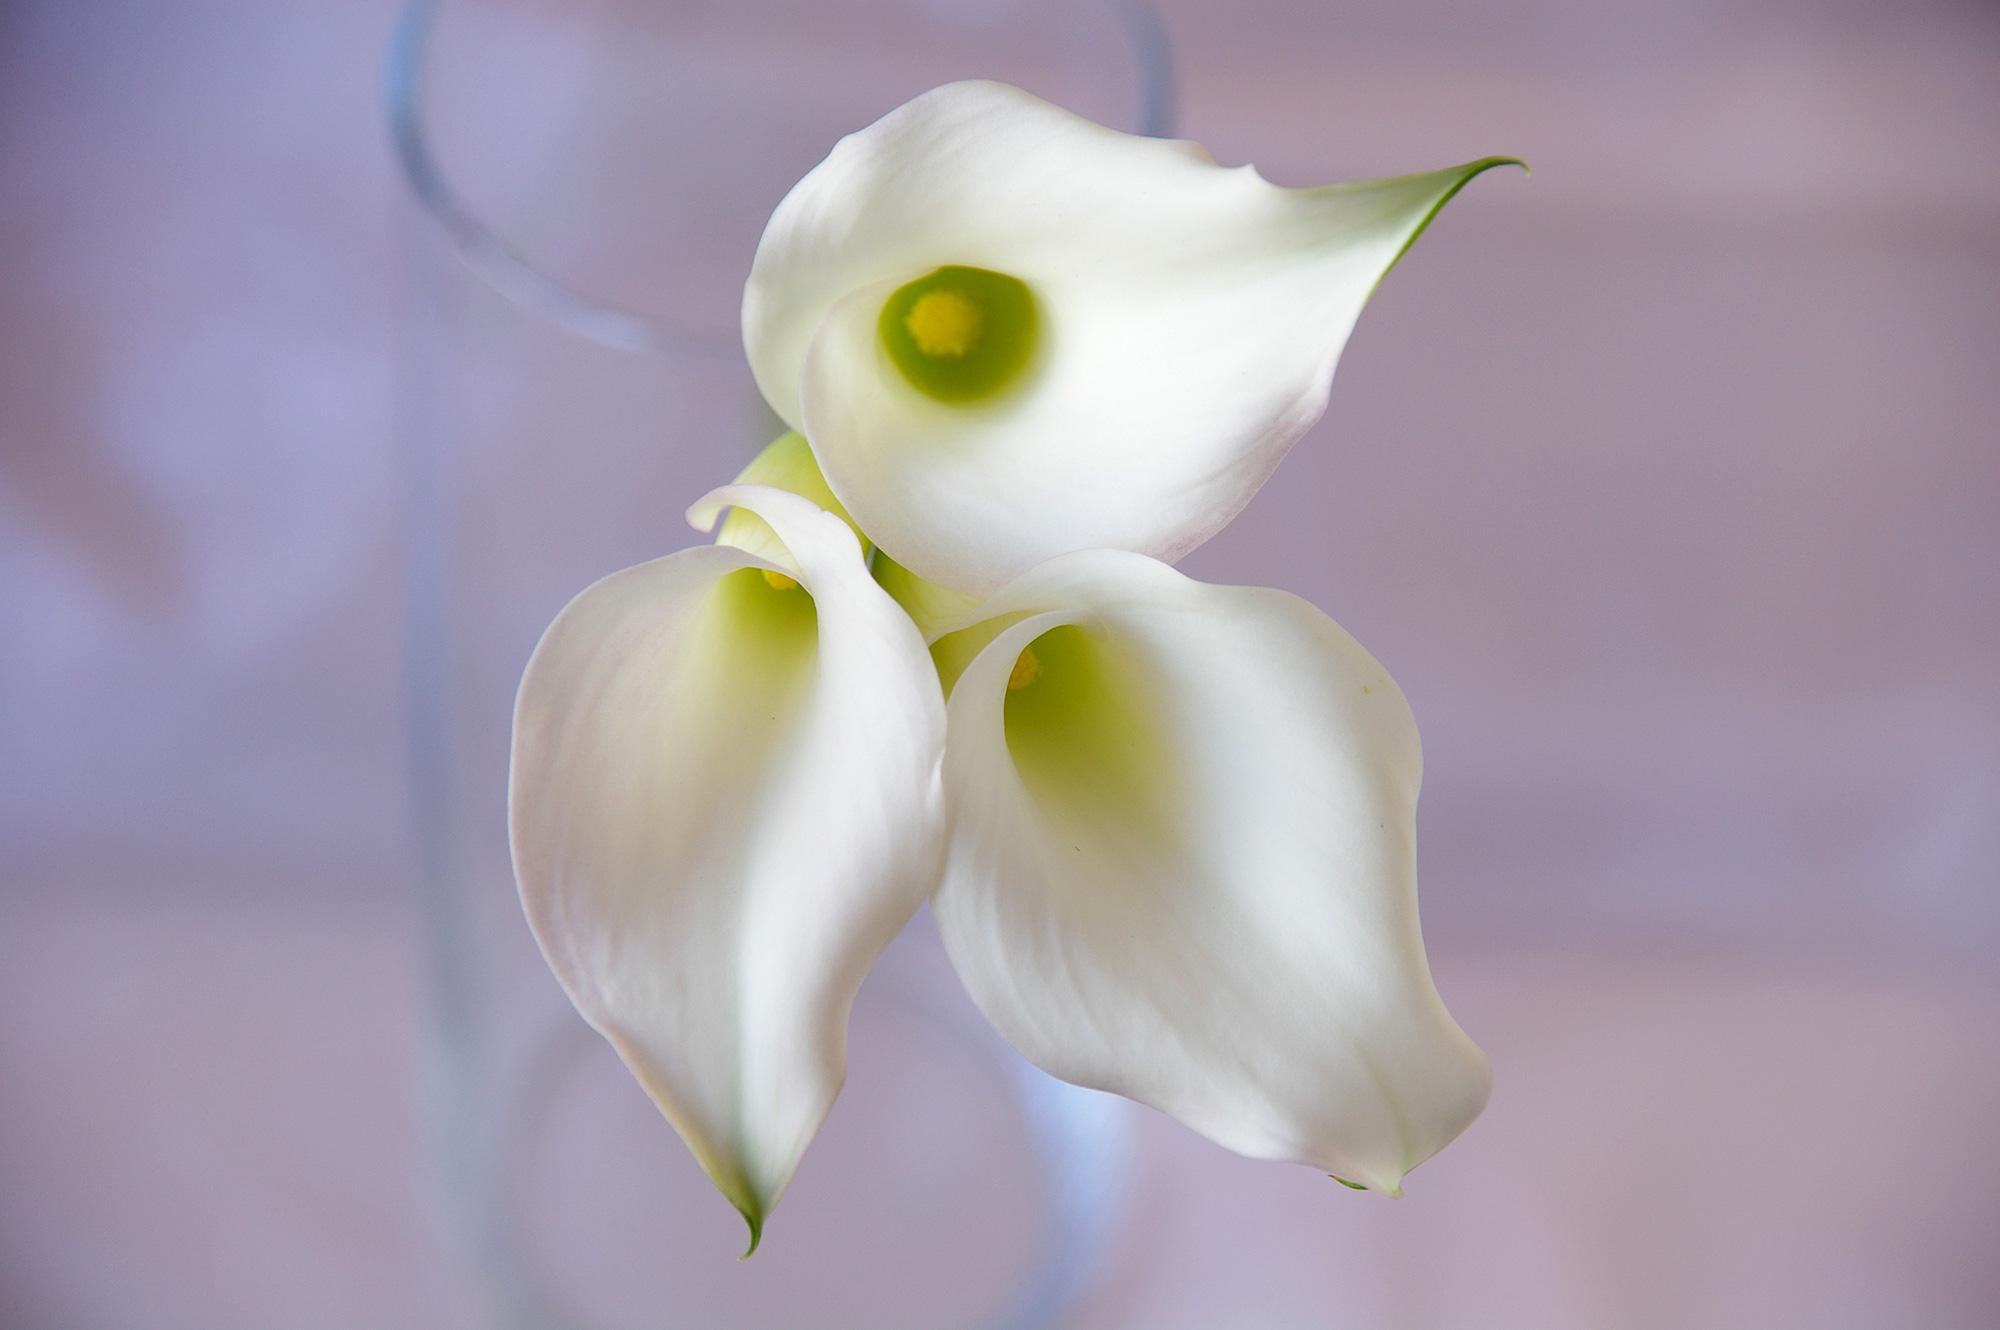 白いカラーの写真のフリー素材